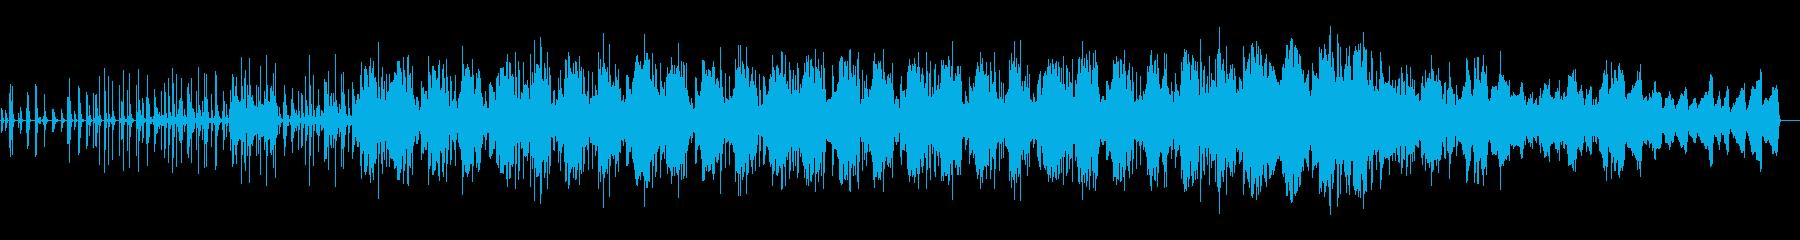 木琴、ピアノ、テルミン、アンビエントの再生済みの波形